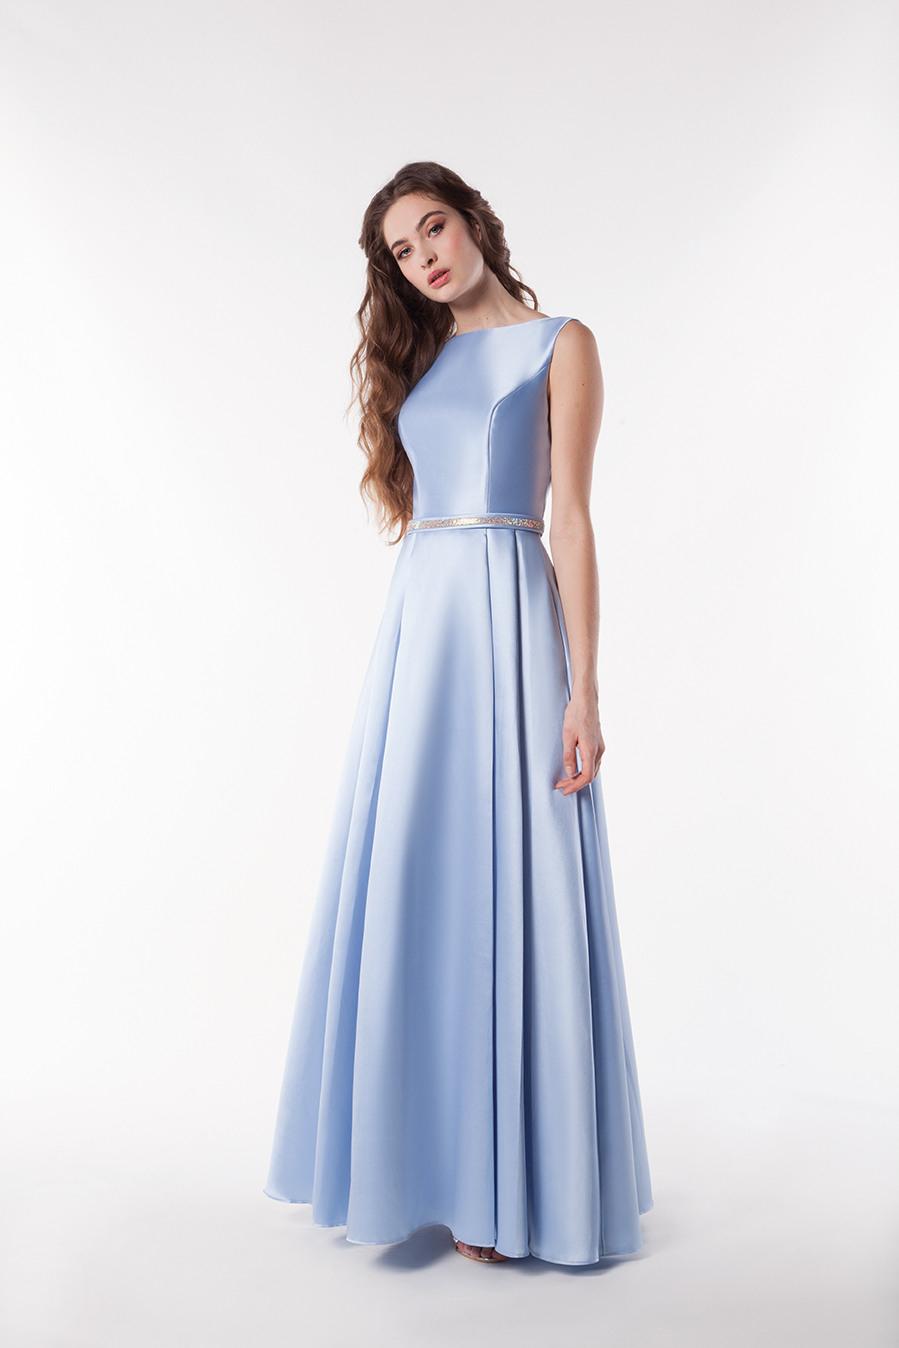 10 Top New Yorker Abendkleid Galerie10 Coolste New Yorker Abendkleid Design